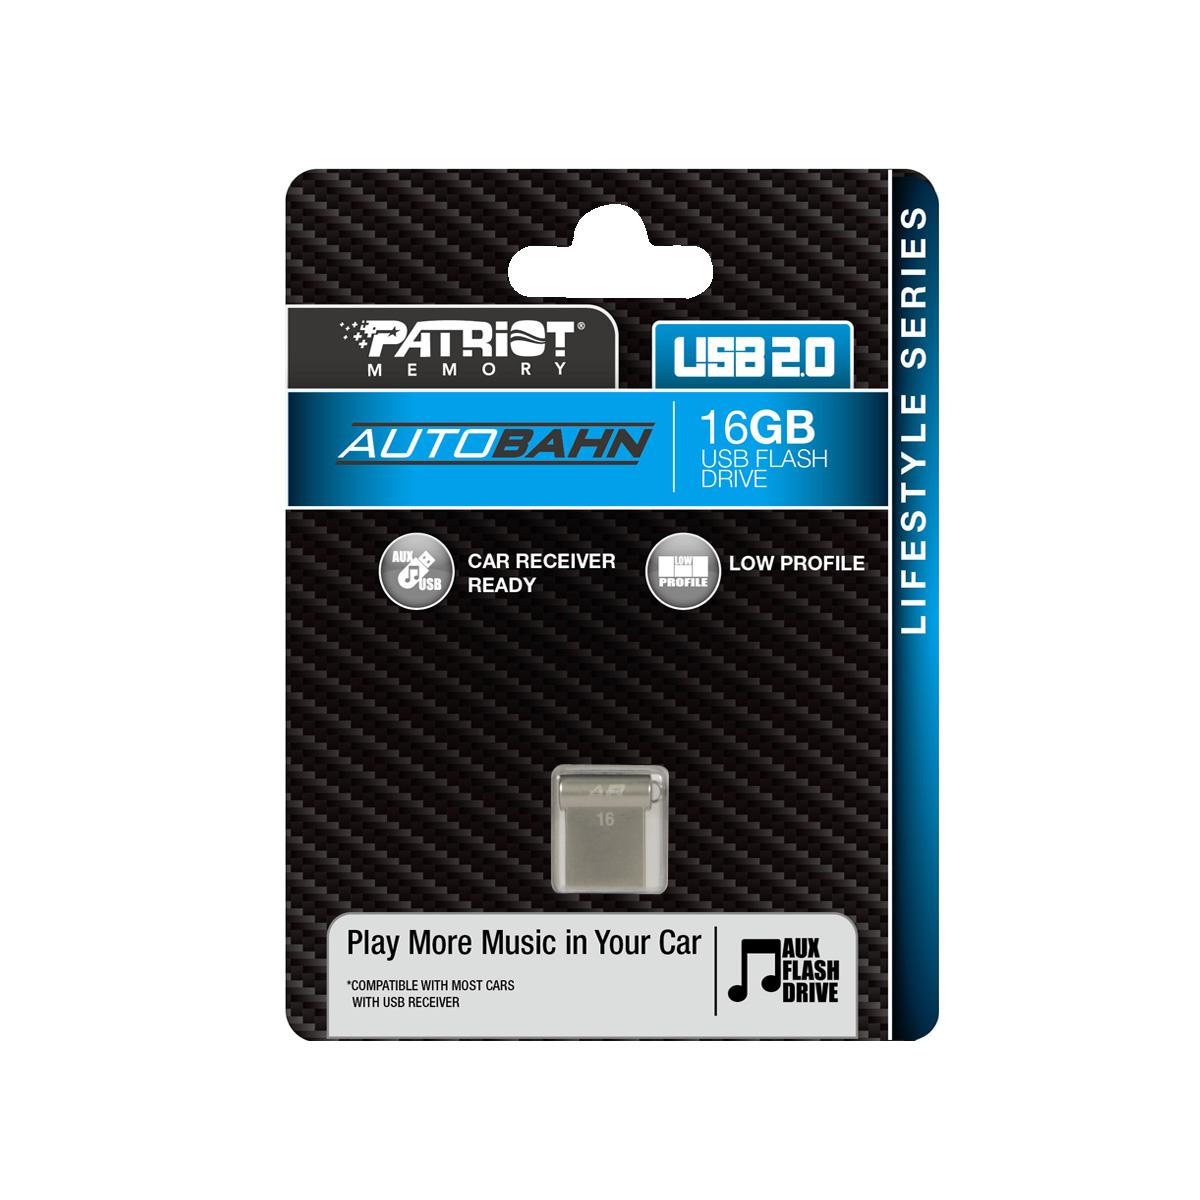 Pen Drive 16GB Autobahn USB 2.0 PSF16GLSABUSB - Patriot